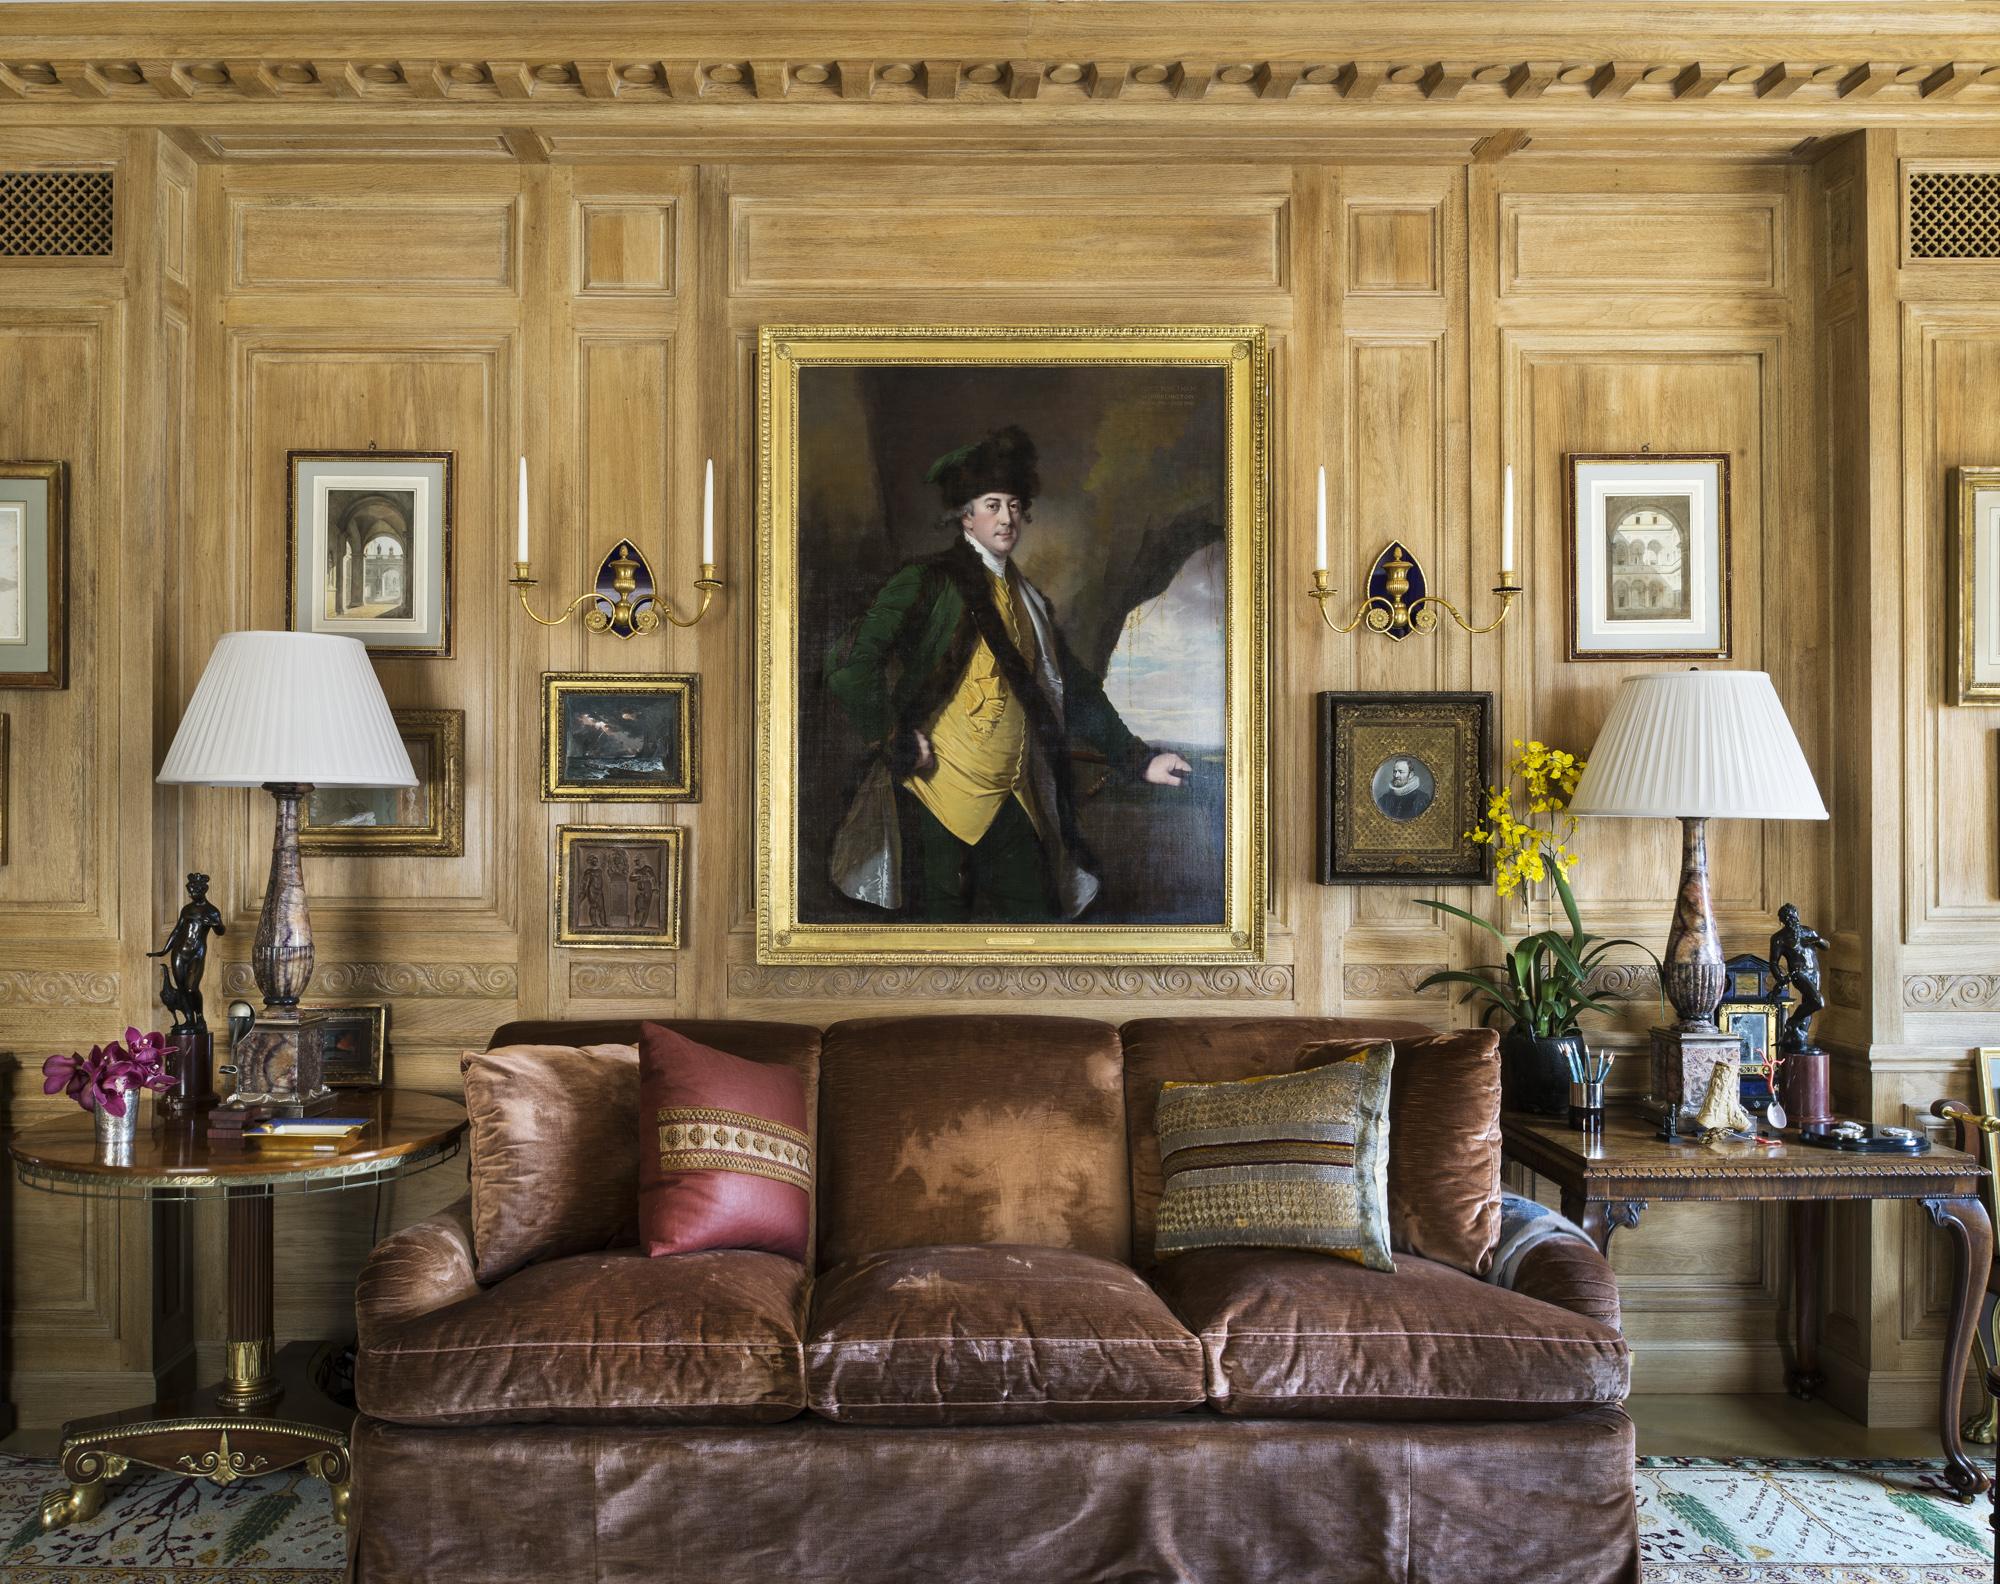 Décor en bois de chêne de style Louis XVI avec patine naturelle